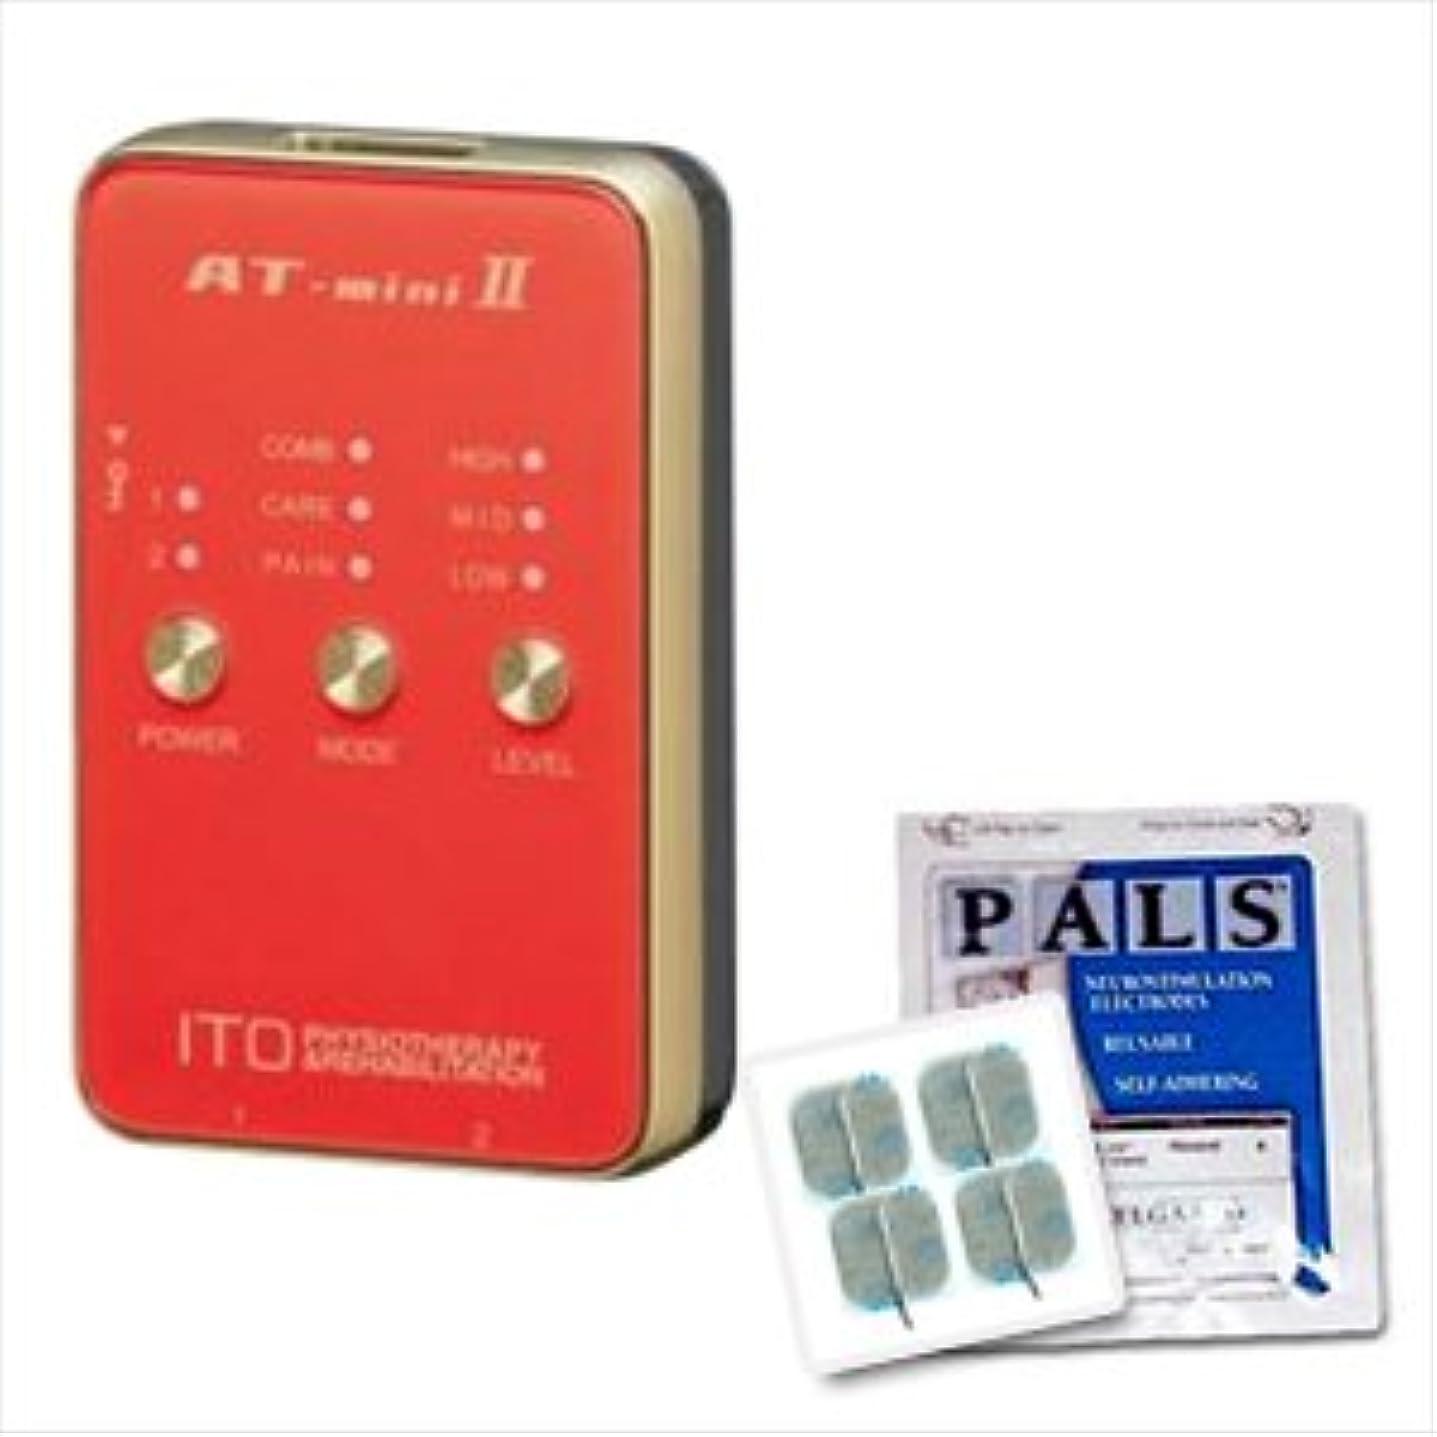 会計士白鳥ペア低周波治療器 AT-mini II オレンジ +アクセルガードMサイズ(5x5cm:1袋4枚入)セット